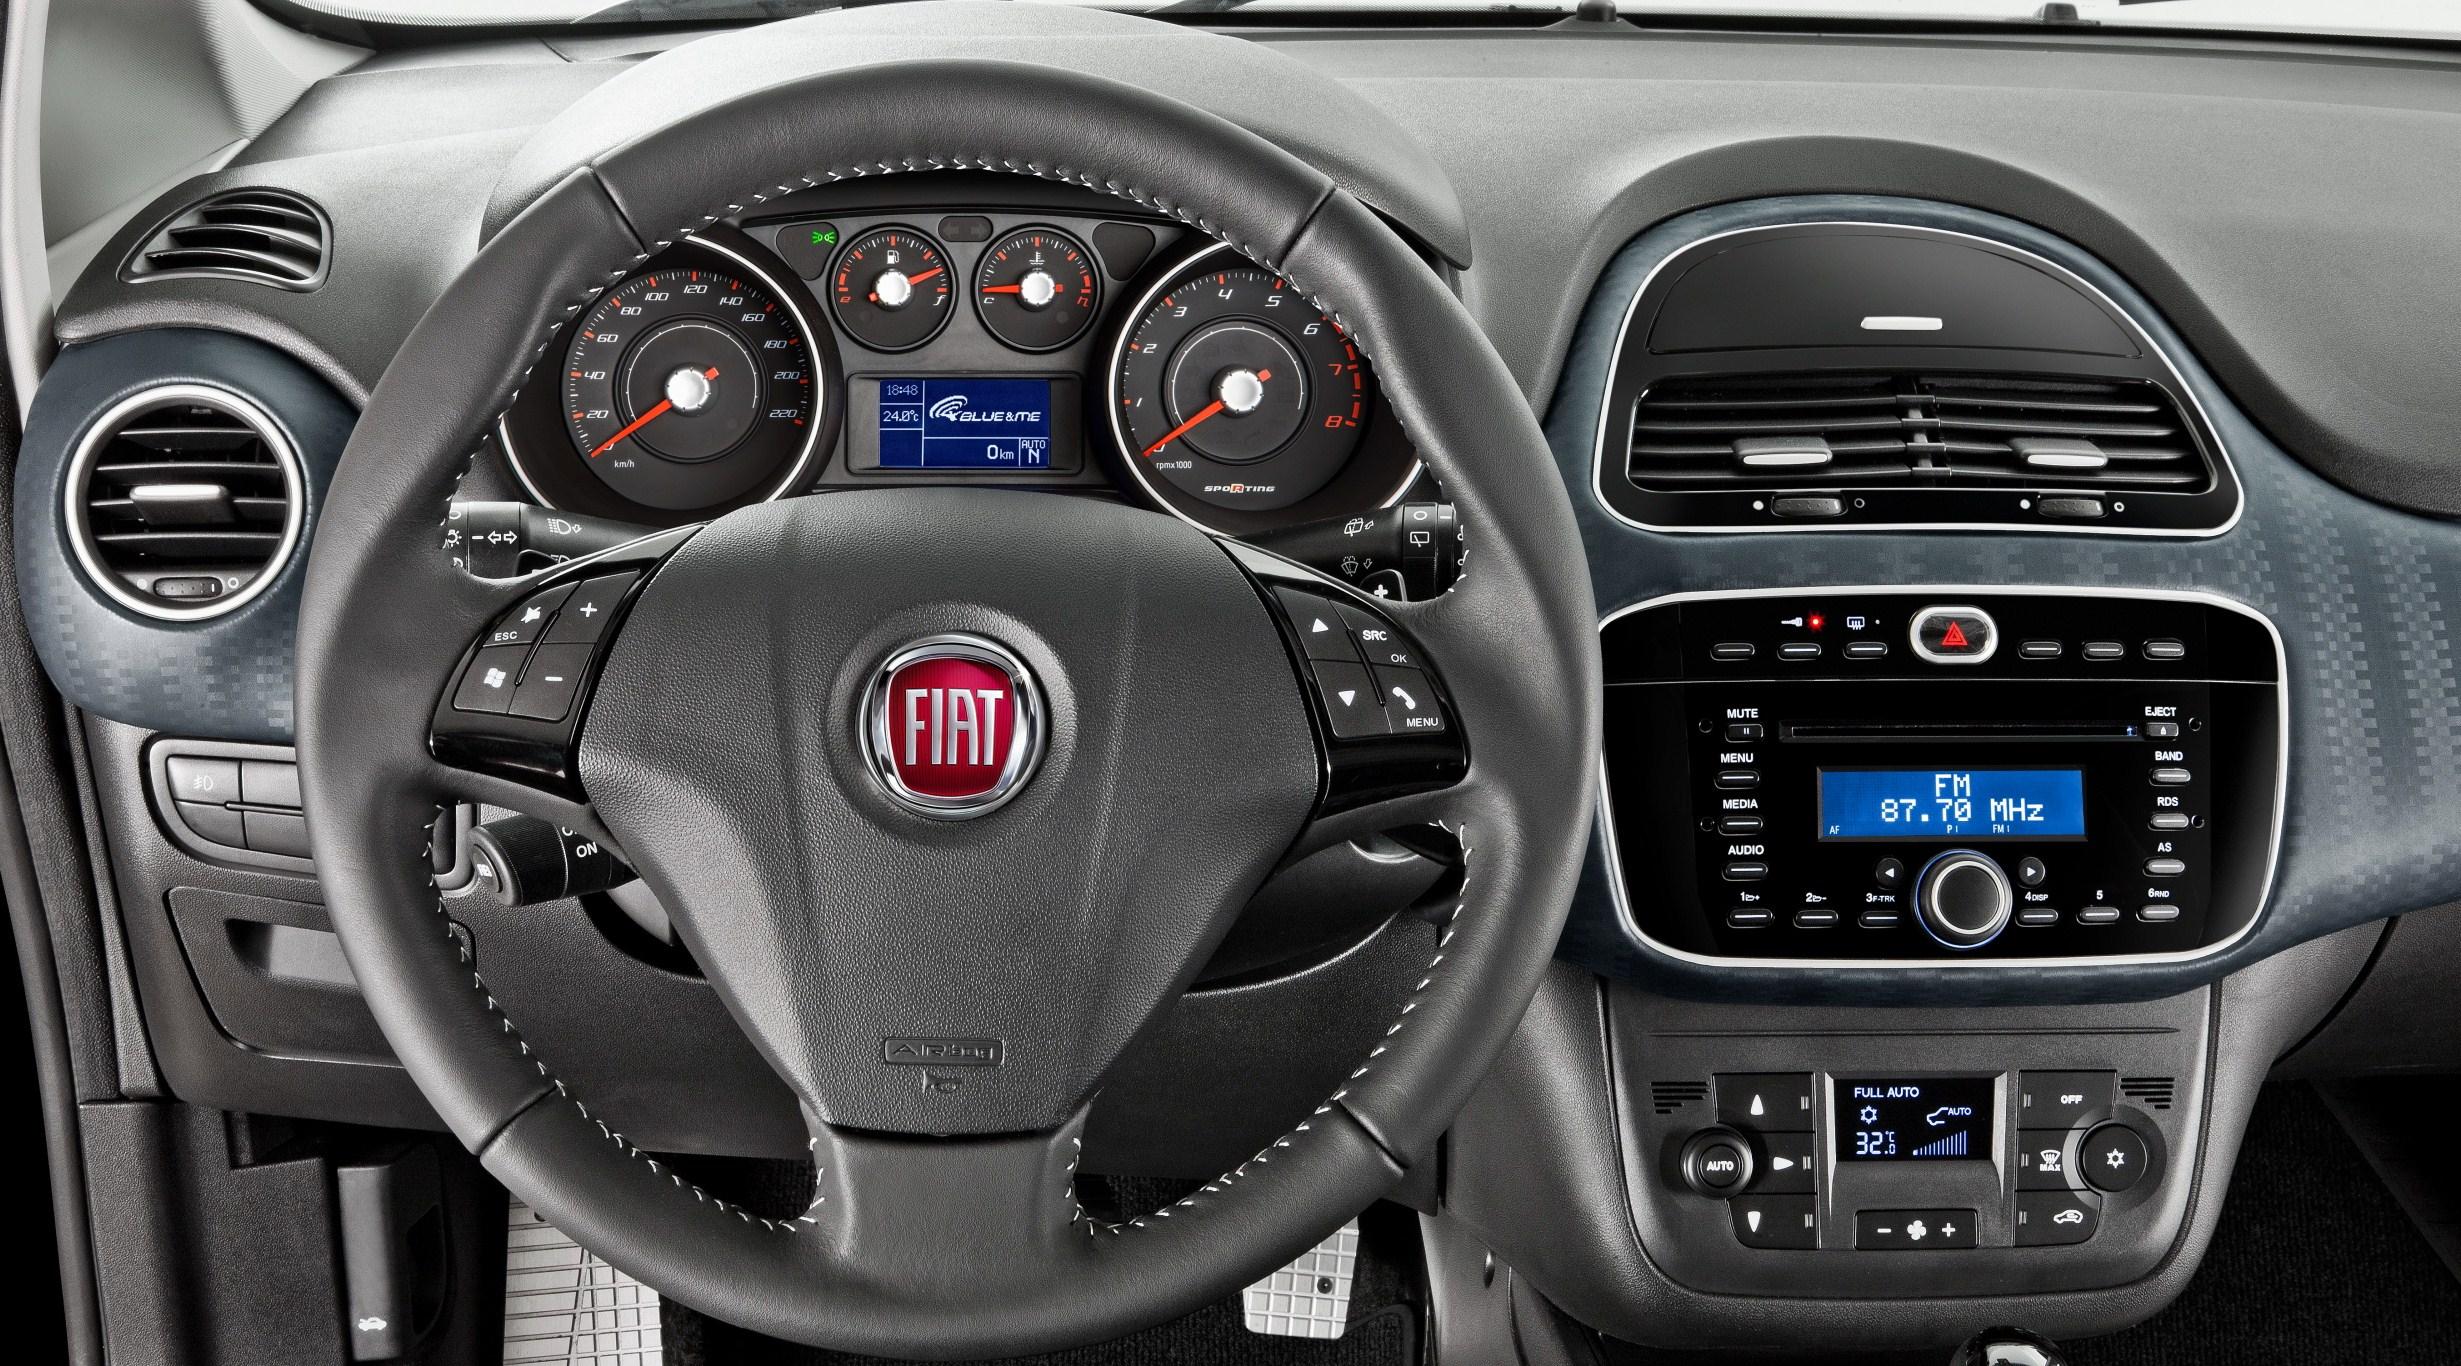 Fiat presenta el nuevo punto 2013 renovaci n automotiva for Nuevo fiat idea adventure 2015